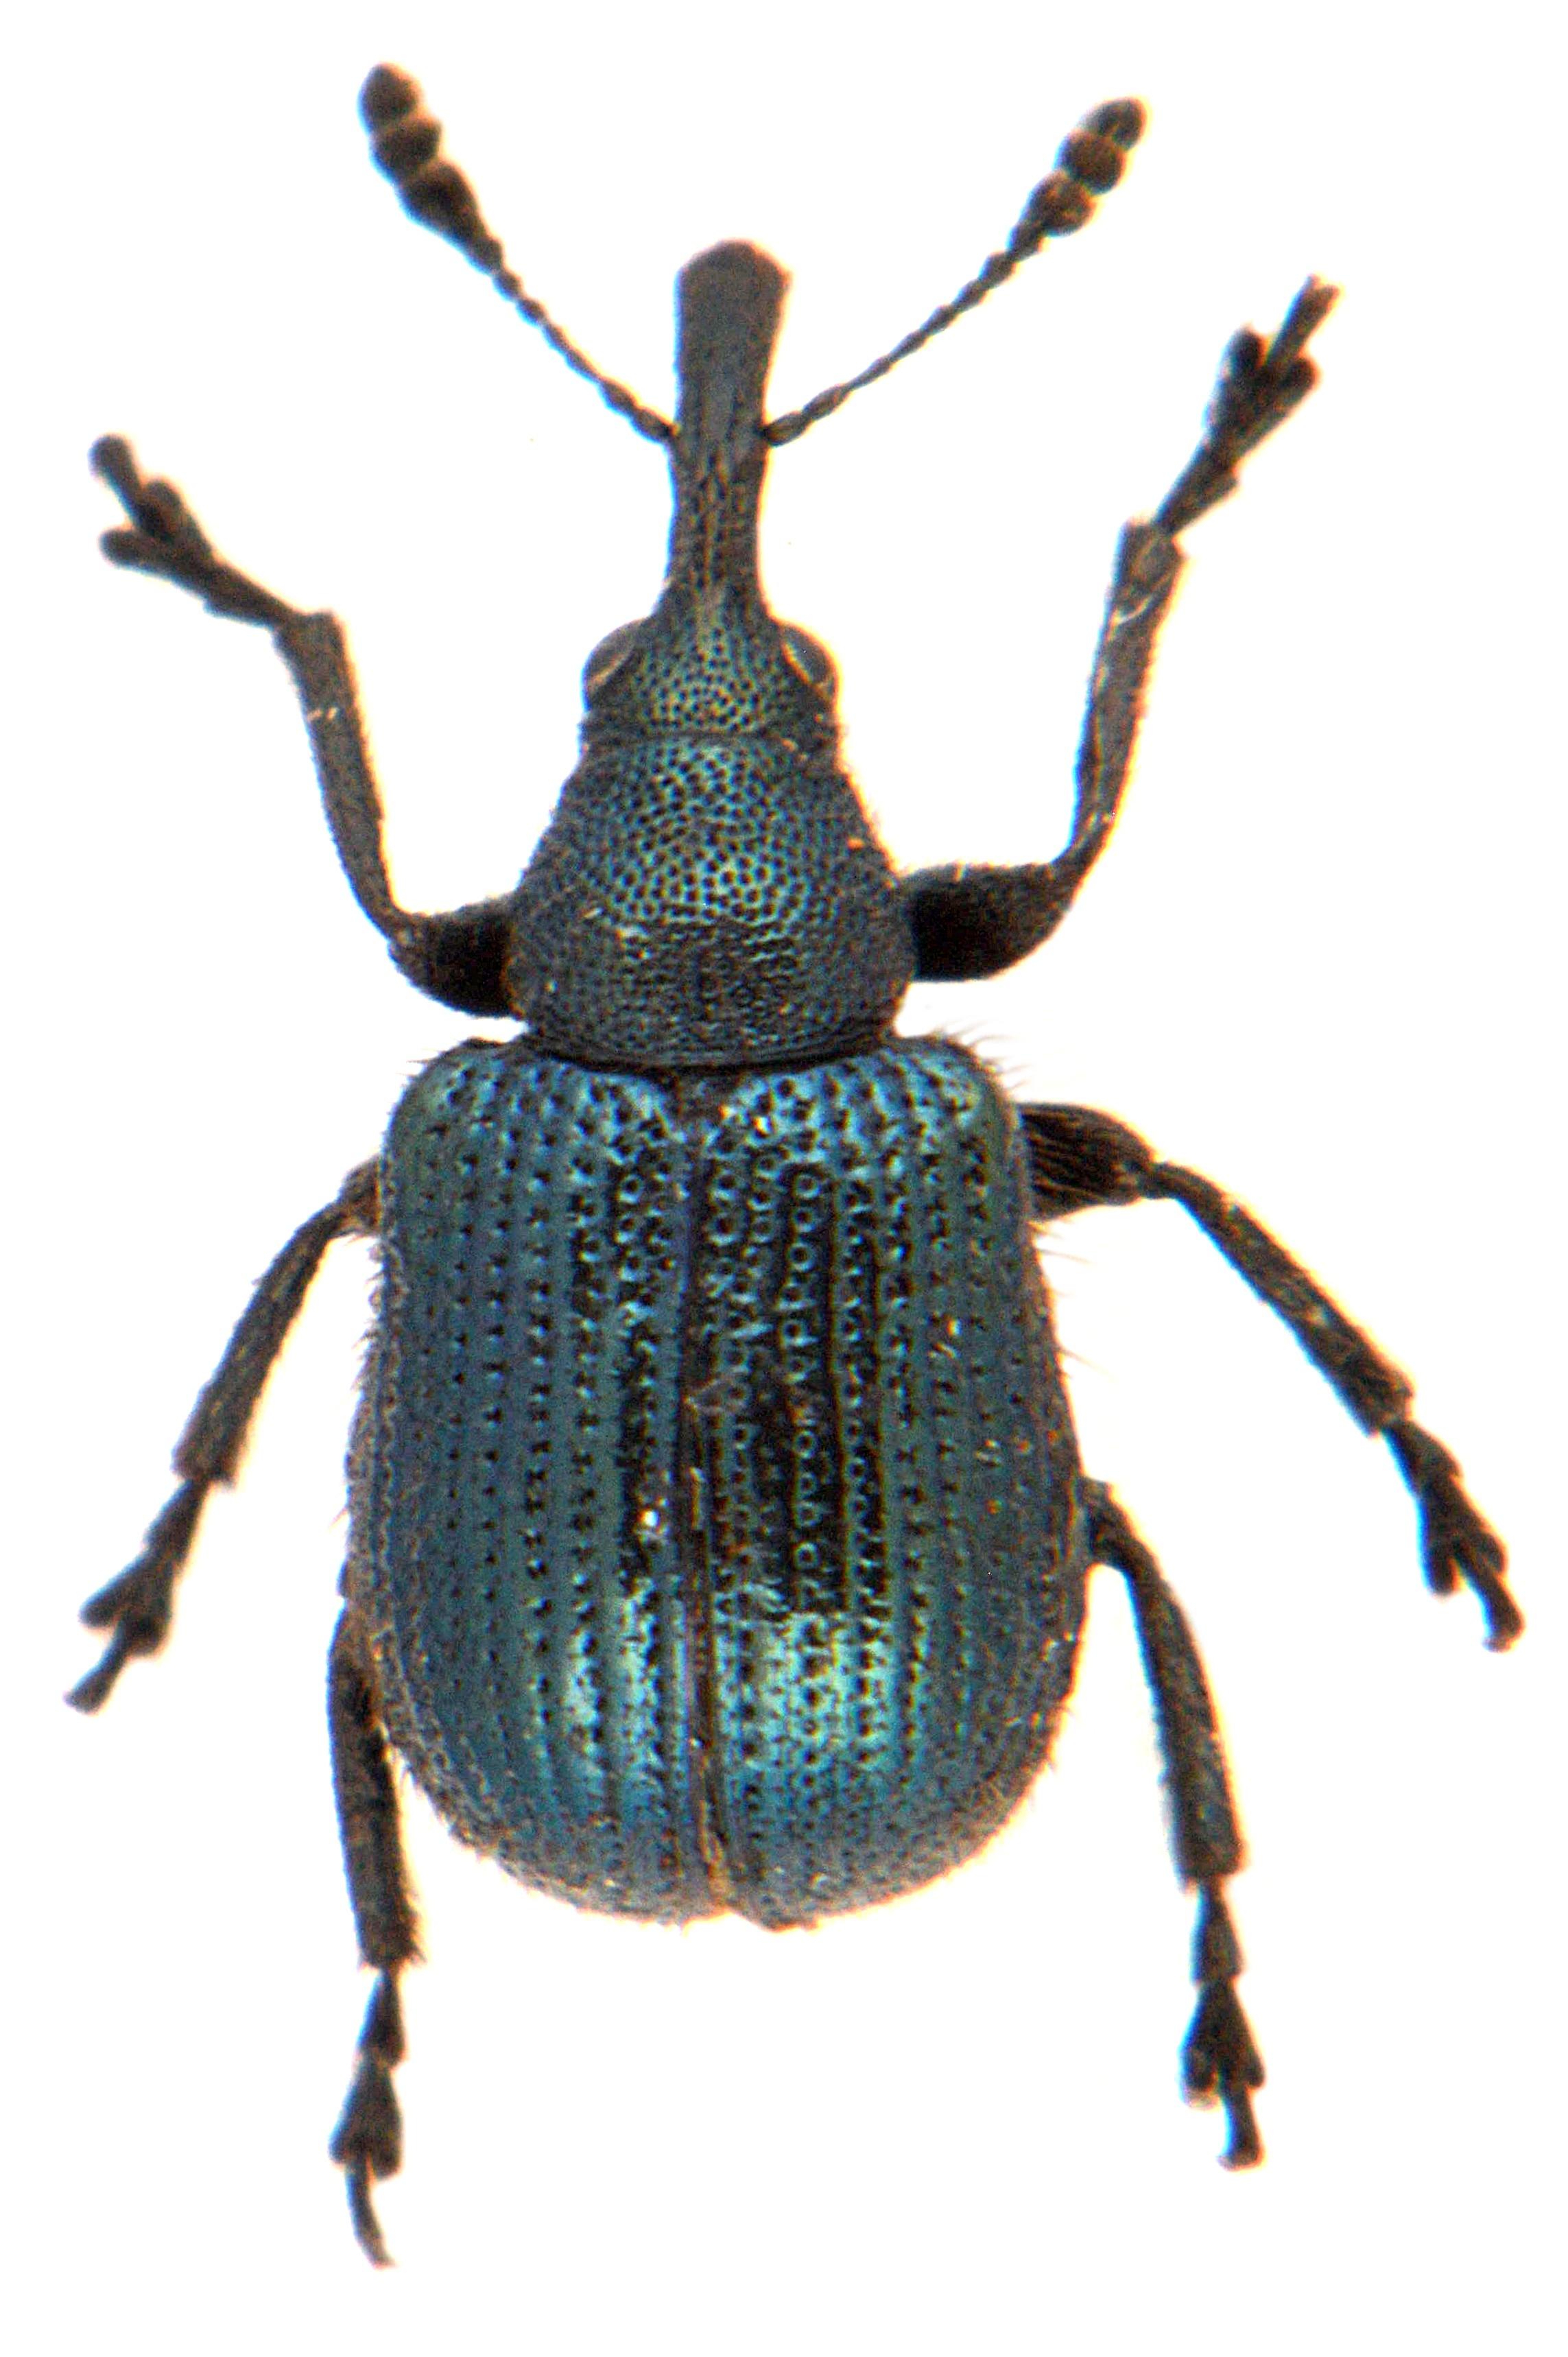 Neocoenorrhinus pauxillus